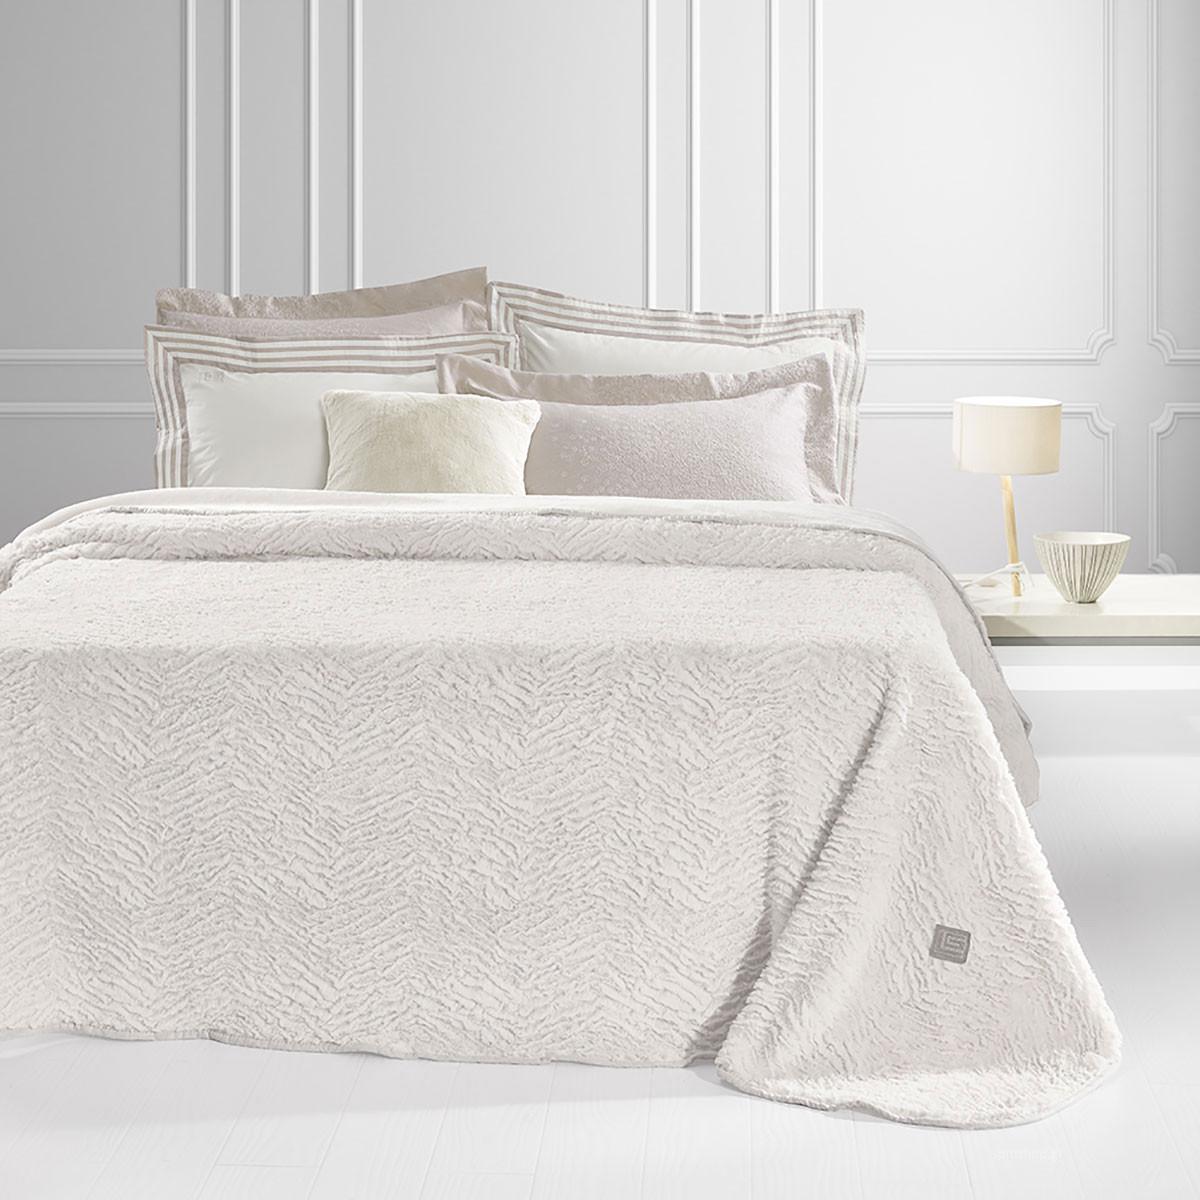 Κουβέρτα Γούνινη Υπέρδιπλη Guy Laroche Nordic Sand home   κρεβατοκάμαρα   κουβέρτες   κουβέρτες γούνινες   μάλλινες